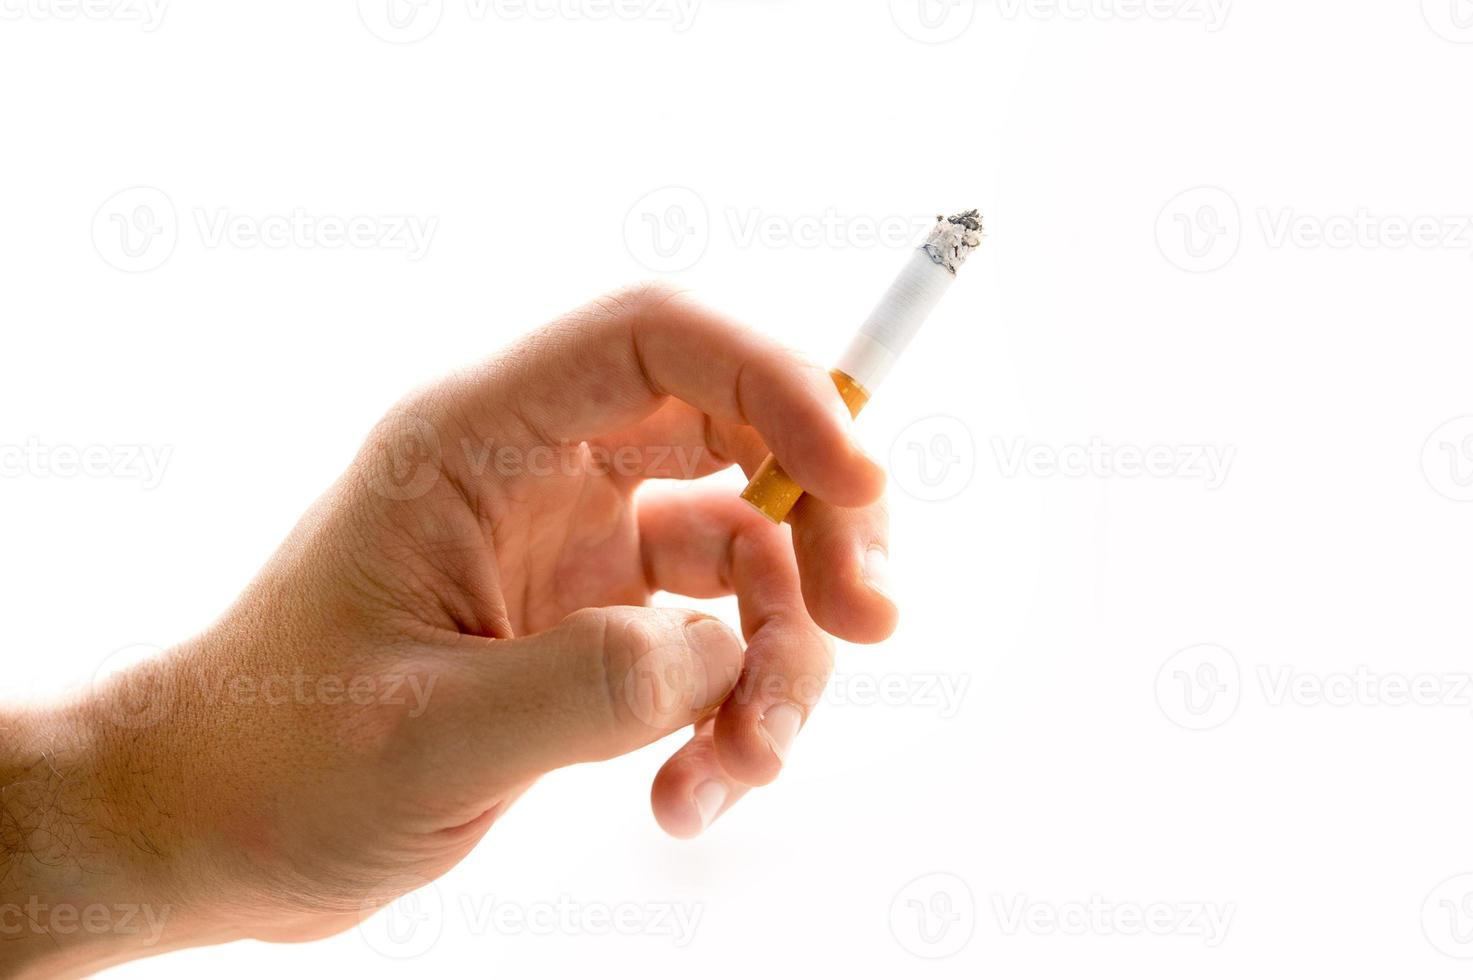 männliche Hand, die eine Zigarette hält foto